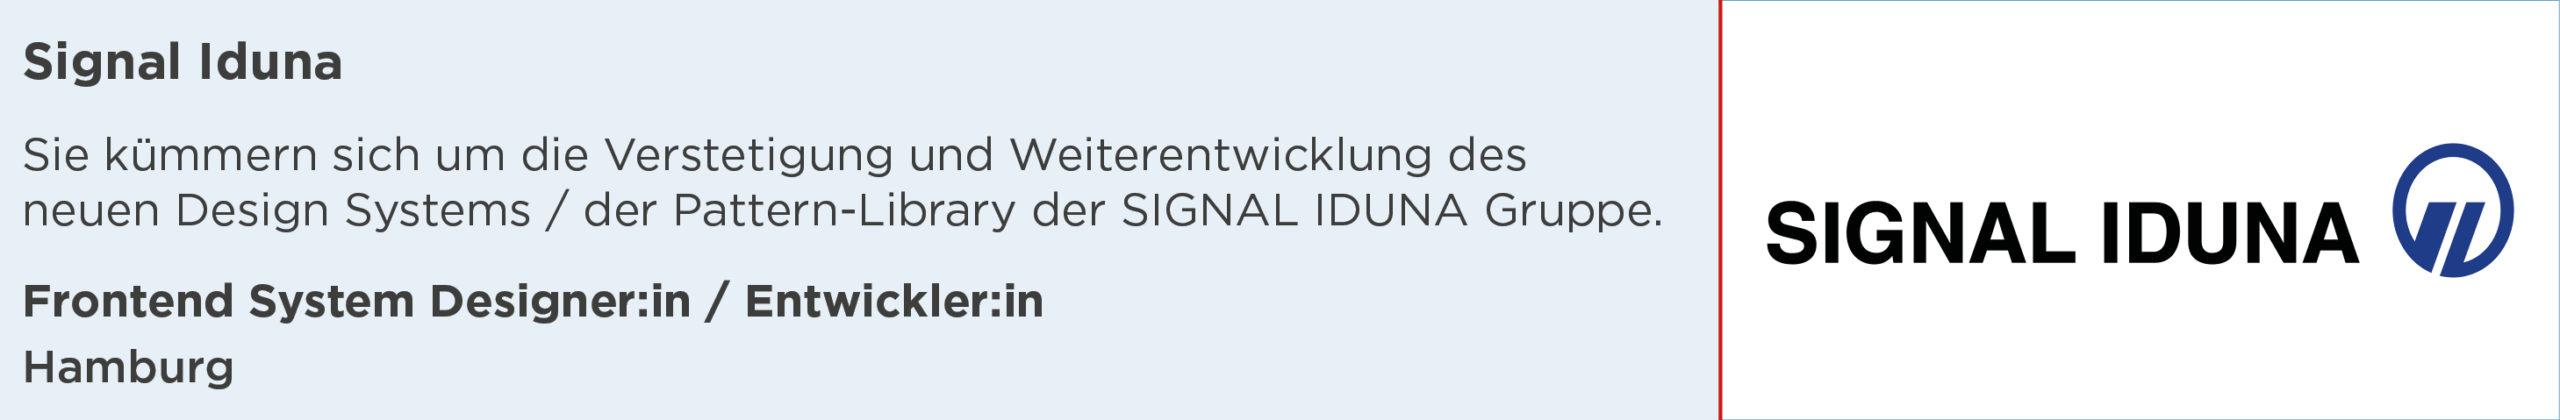 Signal Iduna, Stellenanzeige, Frontend System Designerin Entwicklerin, hamburg